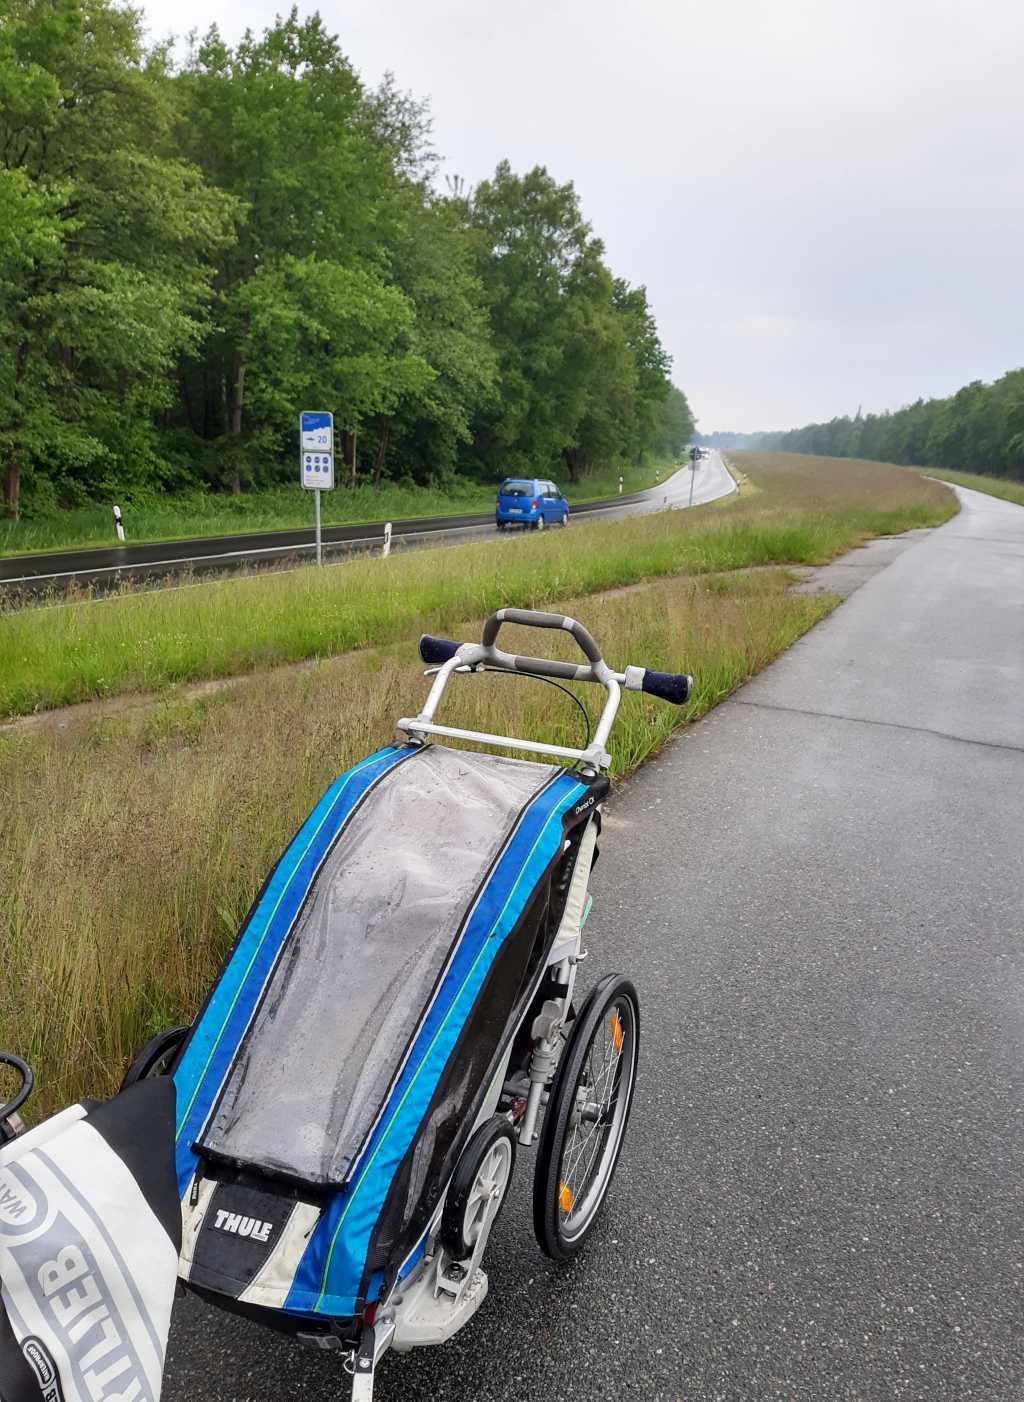 fischland-darss-zingst fahrradweg prerow zingst anhänger